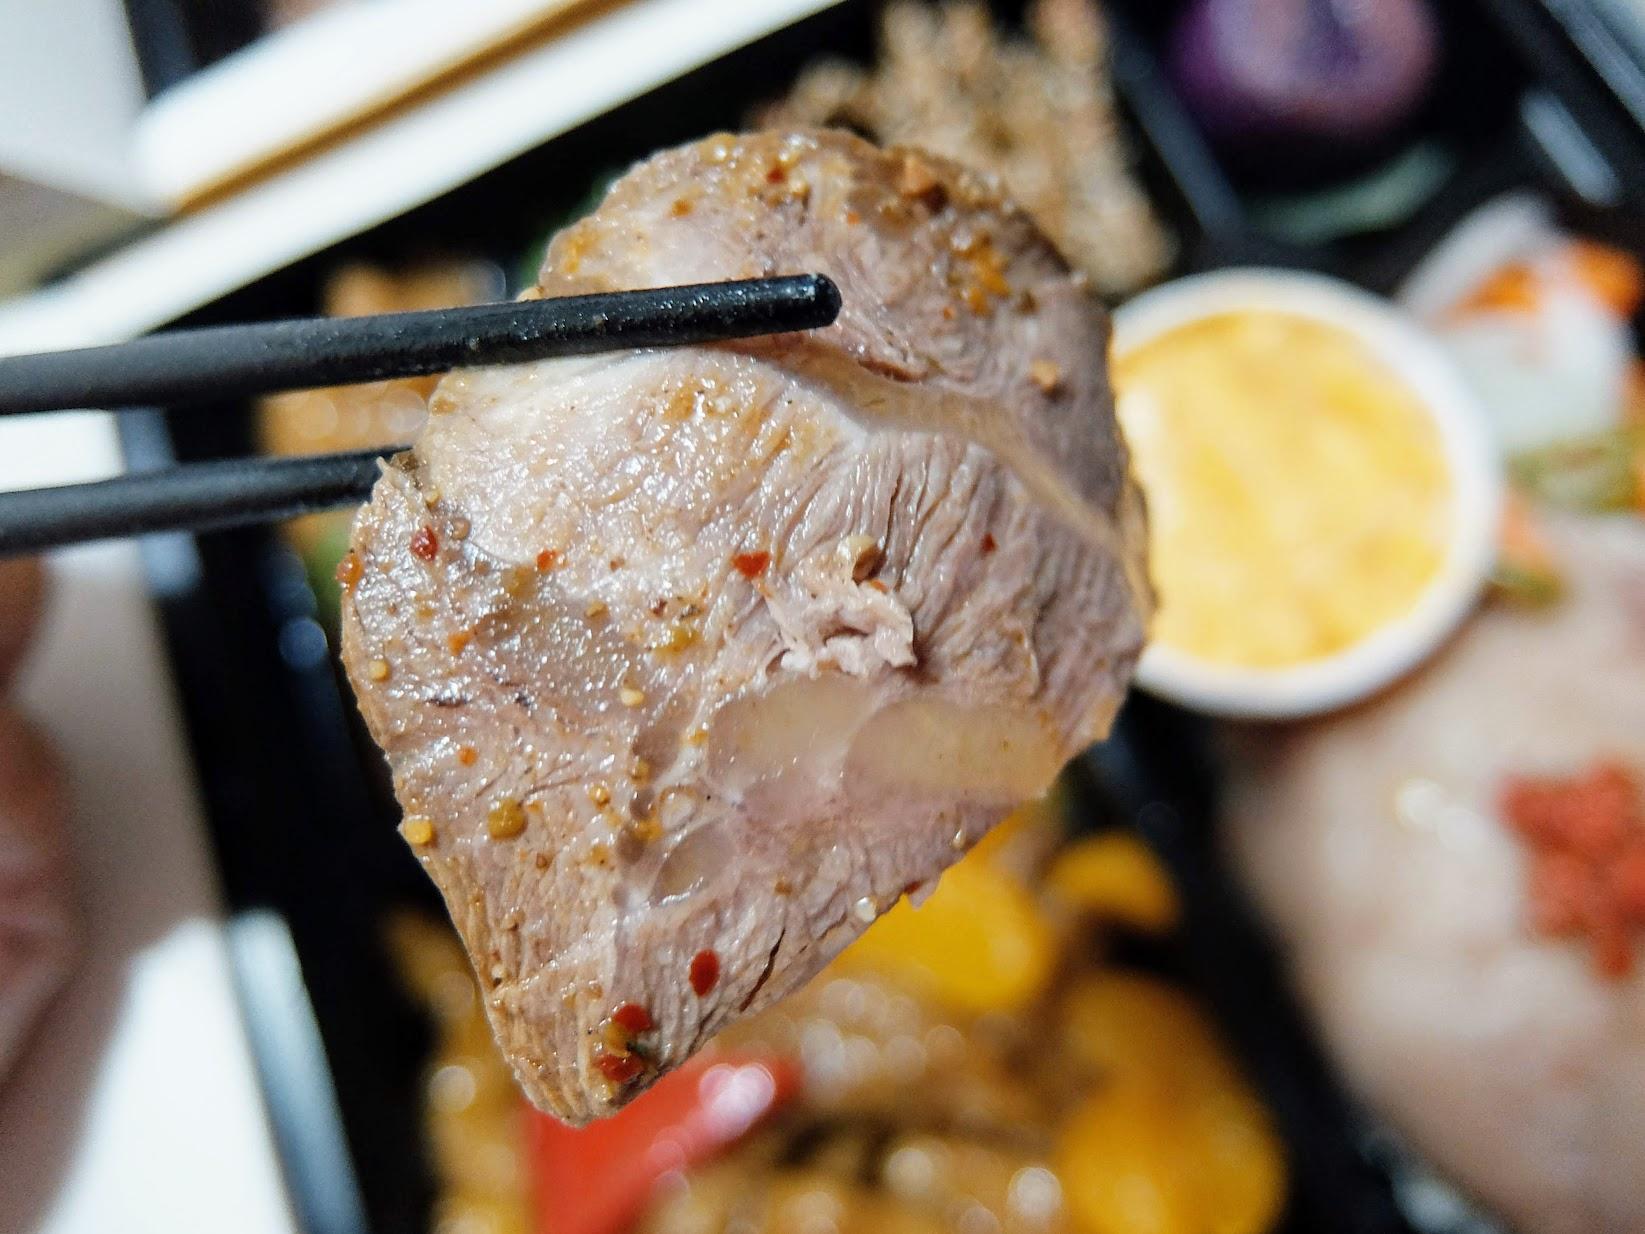 牛腱肉很厚片,也是好吃啊!